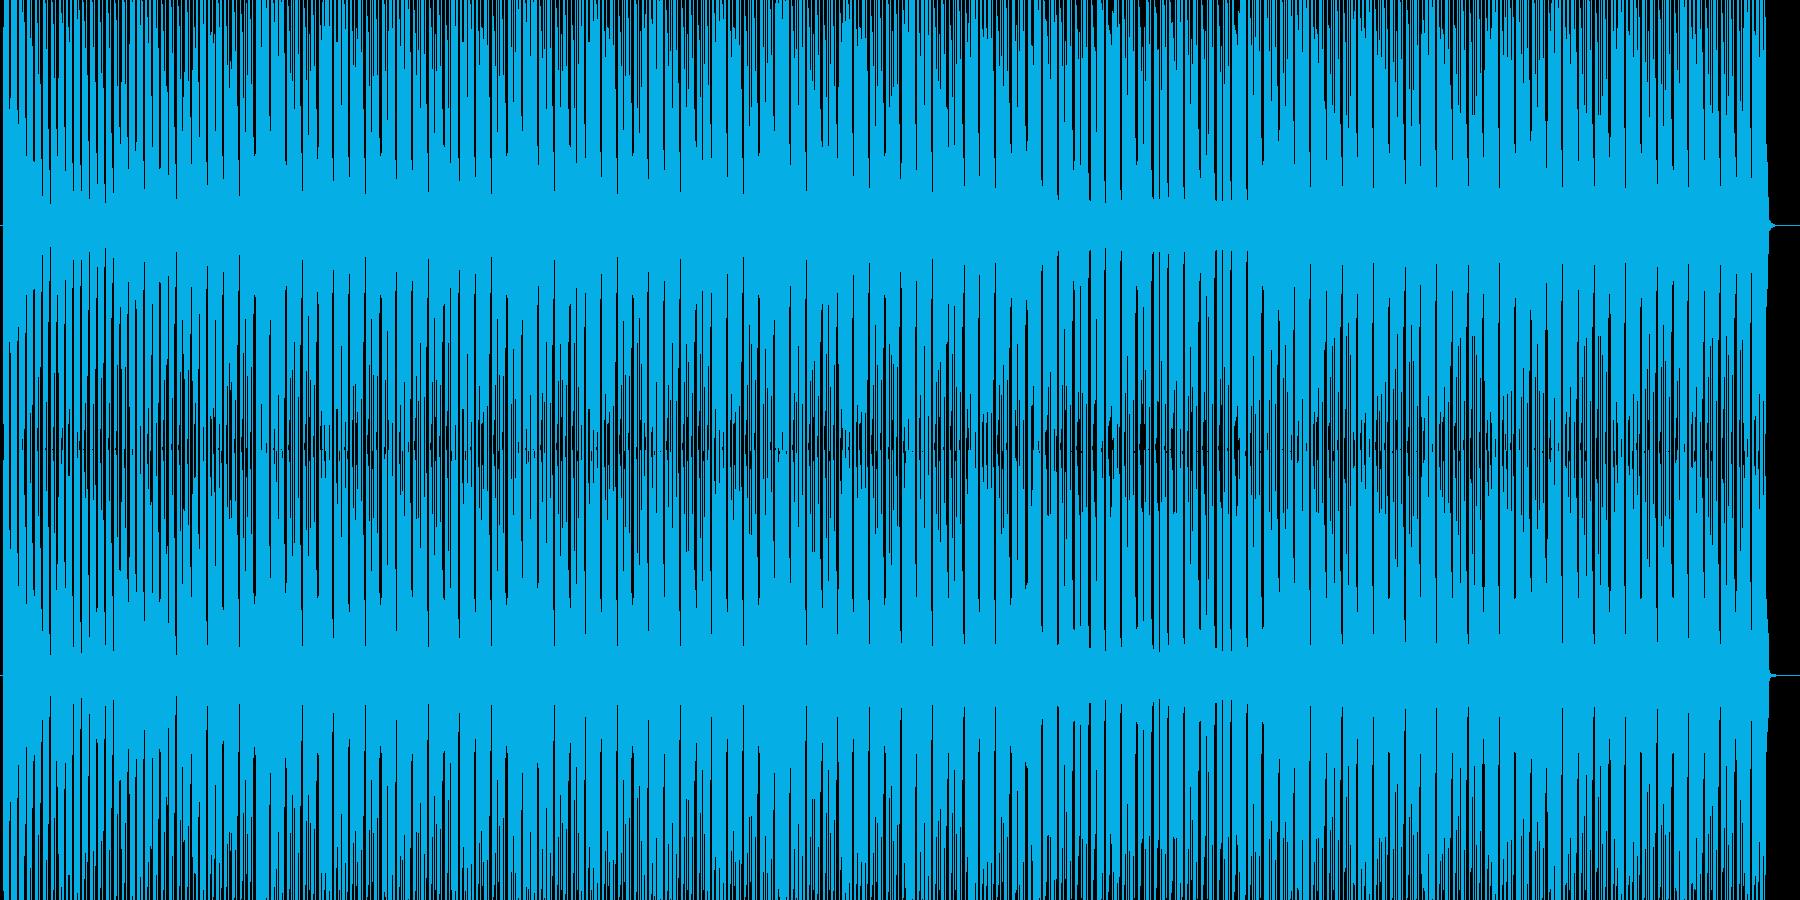 軽快なリズムのハウスの再生済みの波形